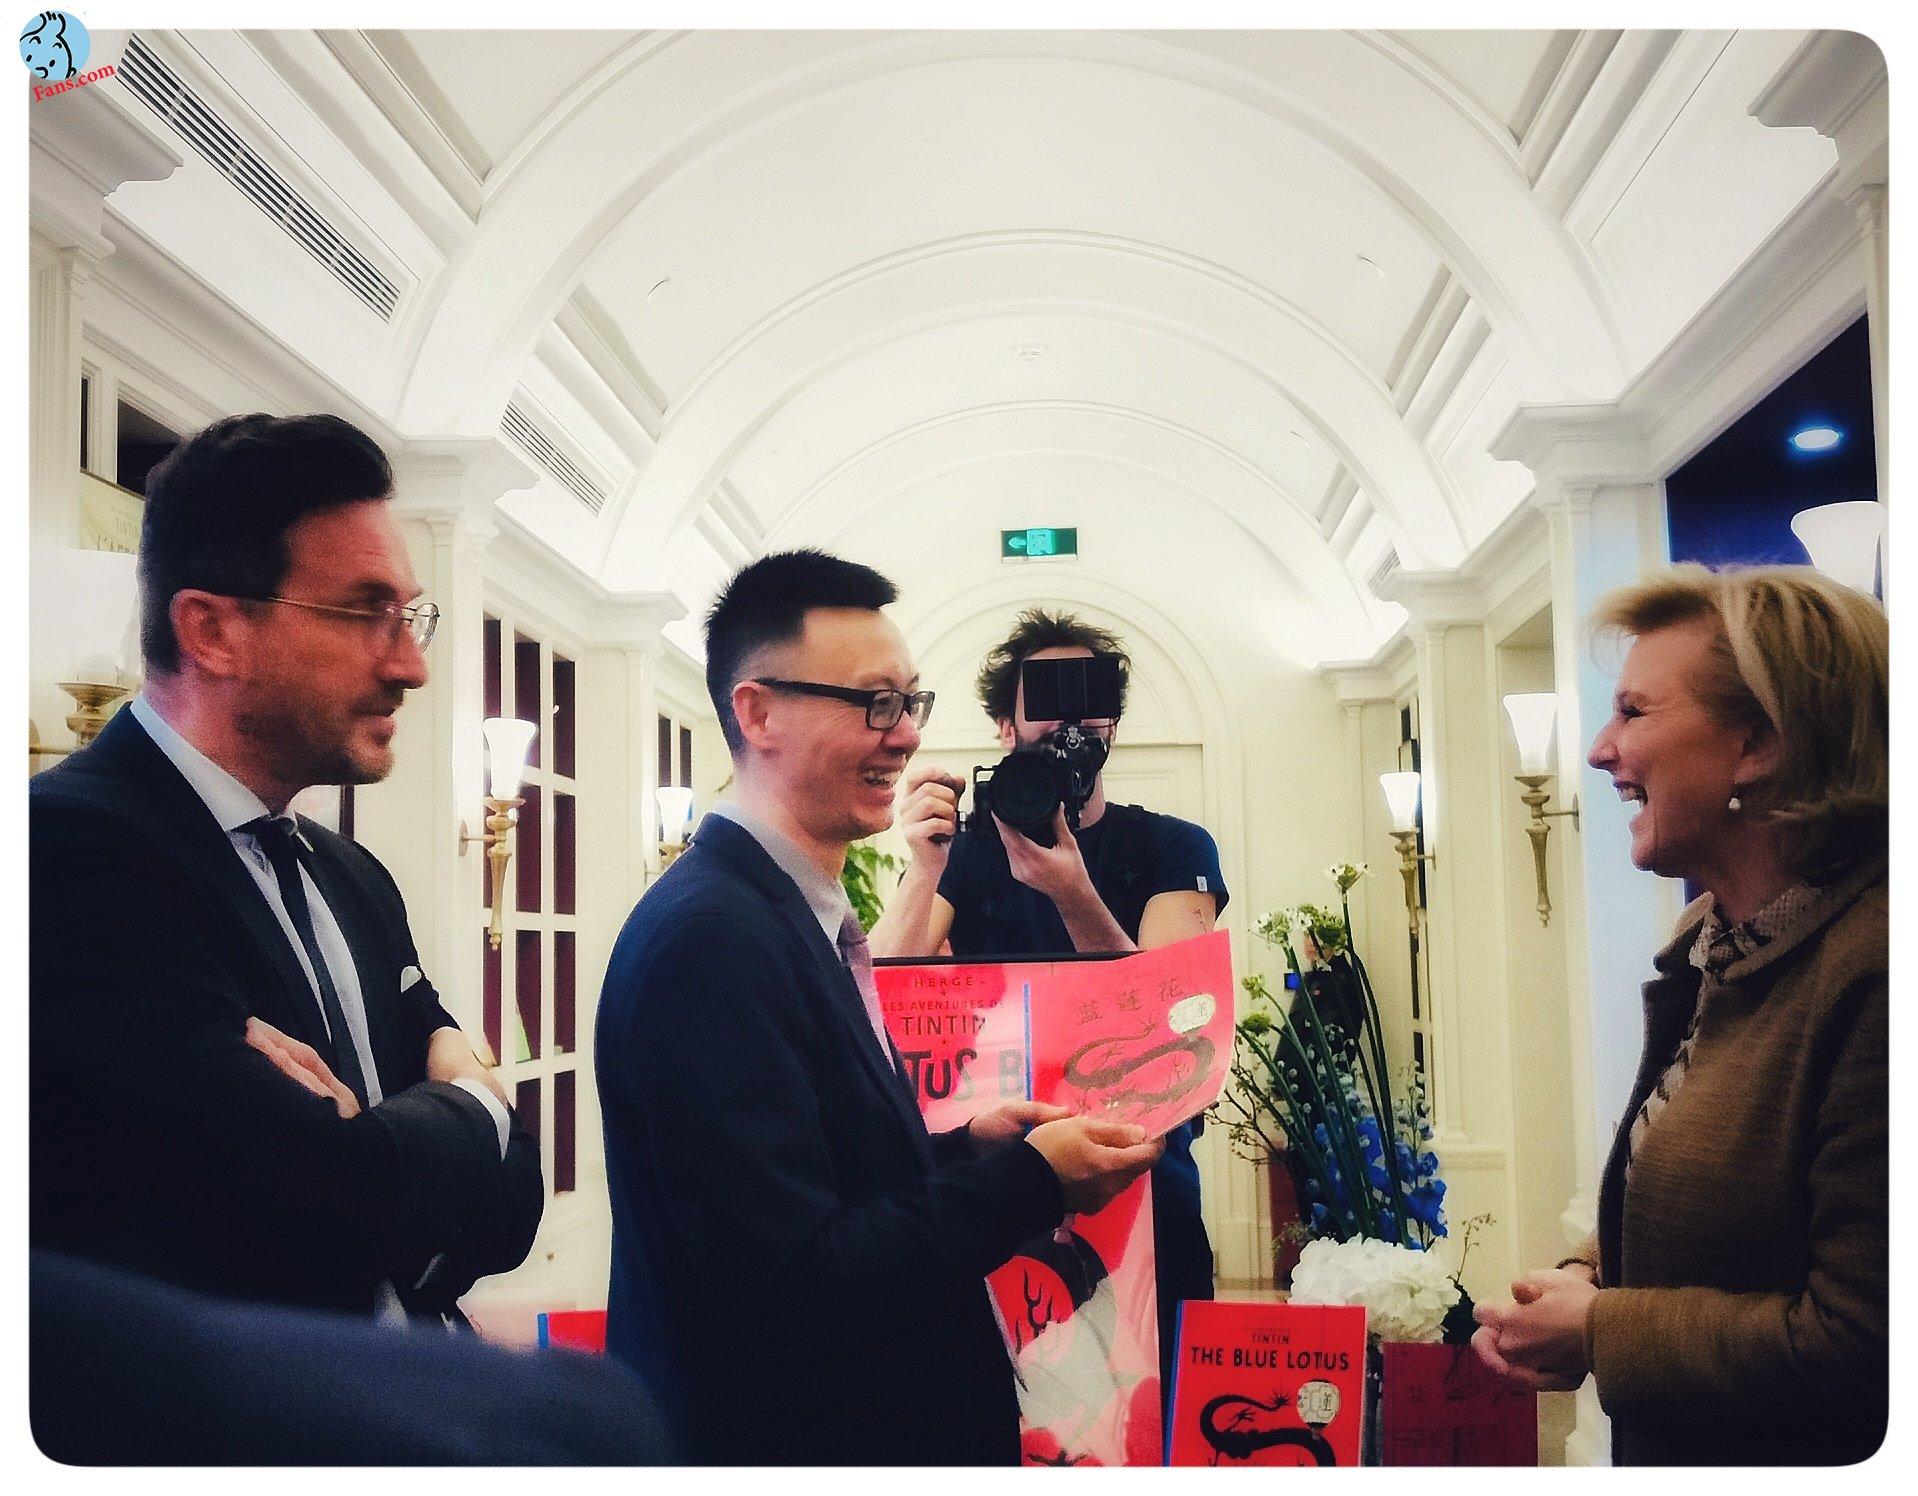 پرنسس بلژیک در بوتیک تن تن شعبه چین !